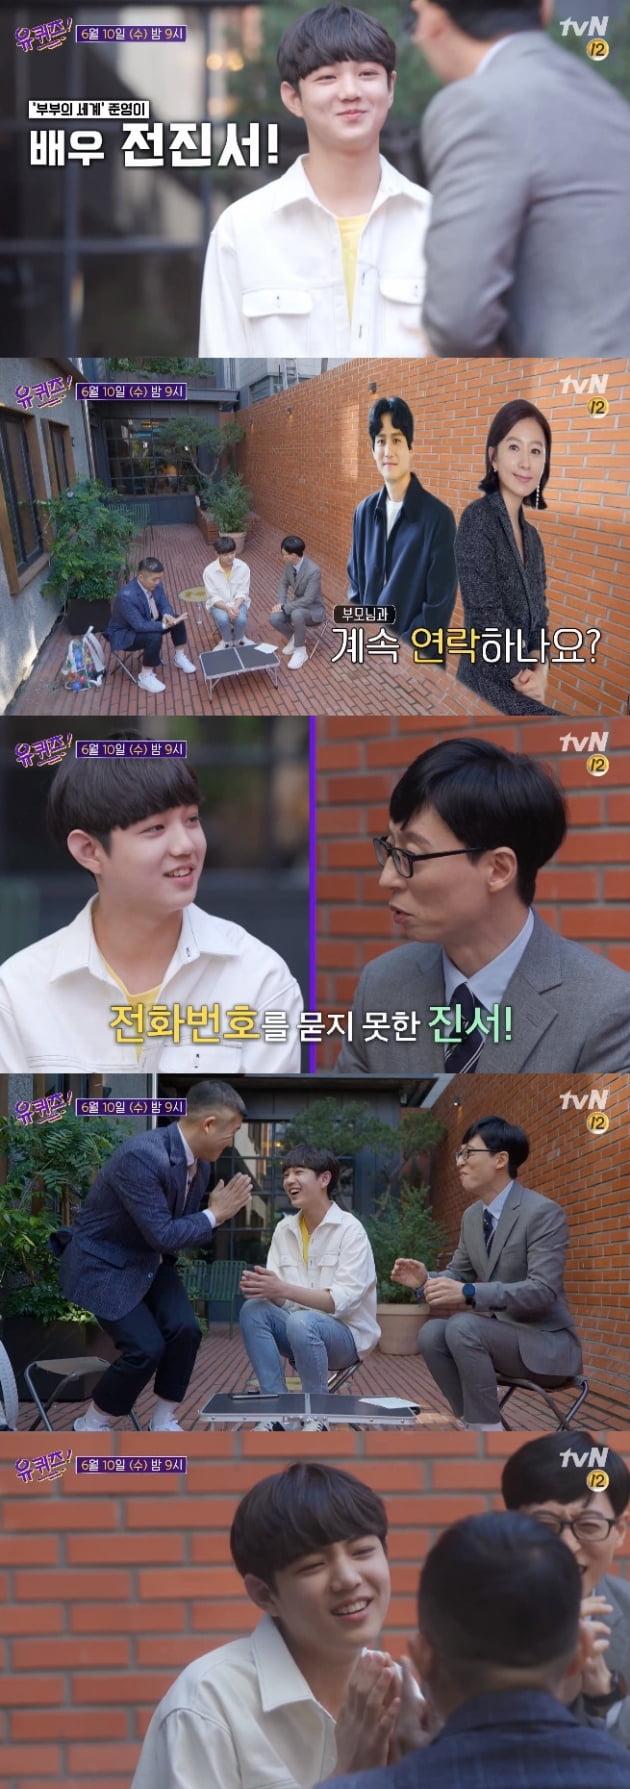 '유퀴즈온더블럭' 전진서 / 사진 = tvN 영상 캡처